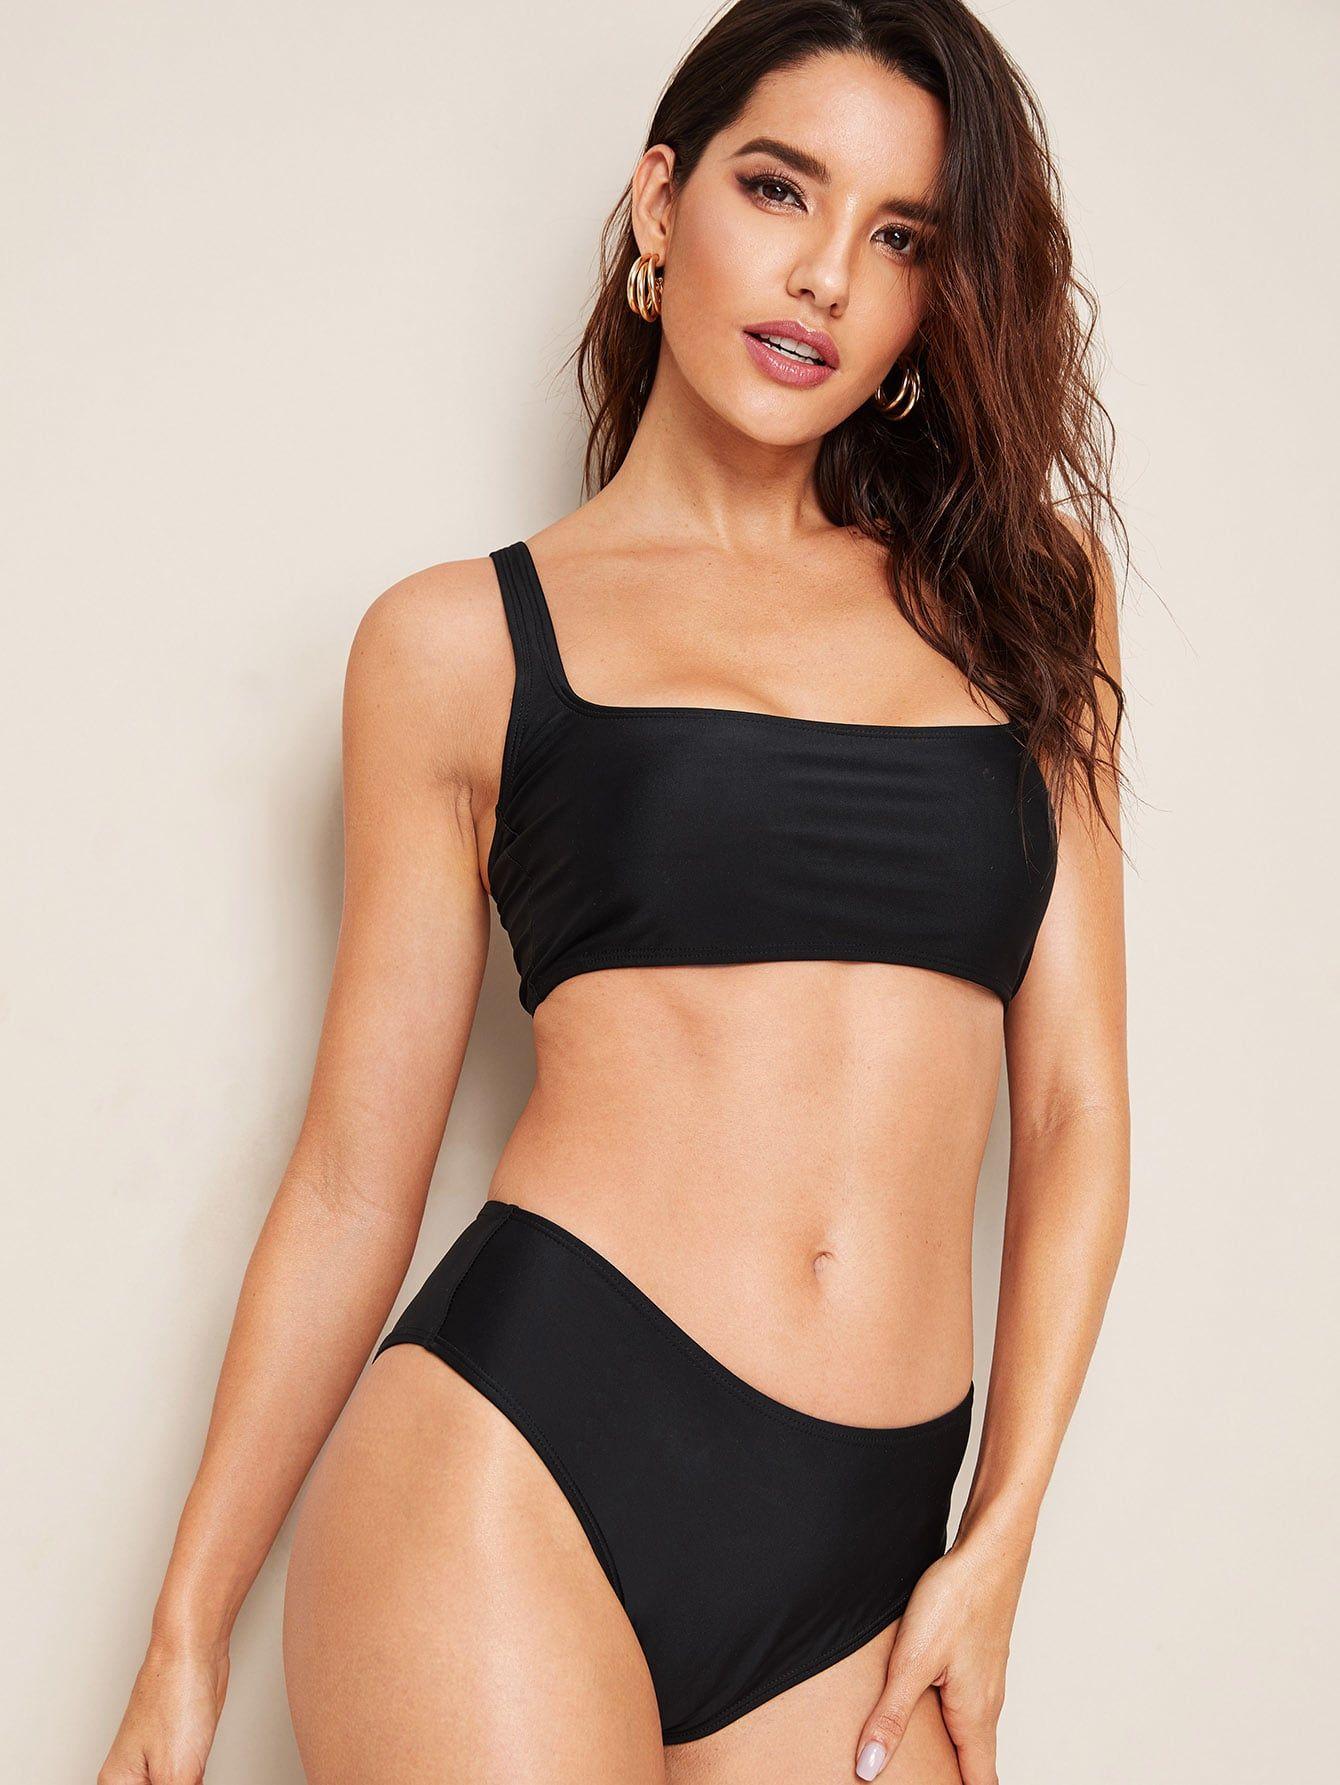 Bikini Jenessa Dawn nudes (31 photo), Tits, Is a cute, Twitter, panties 2020